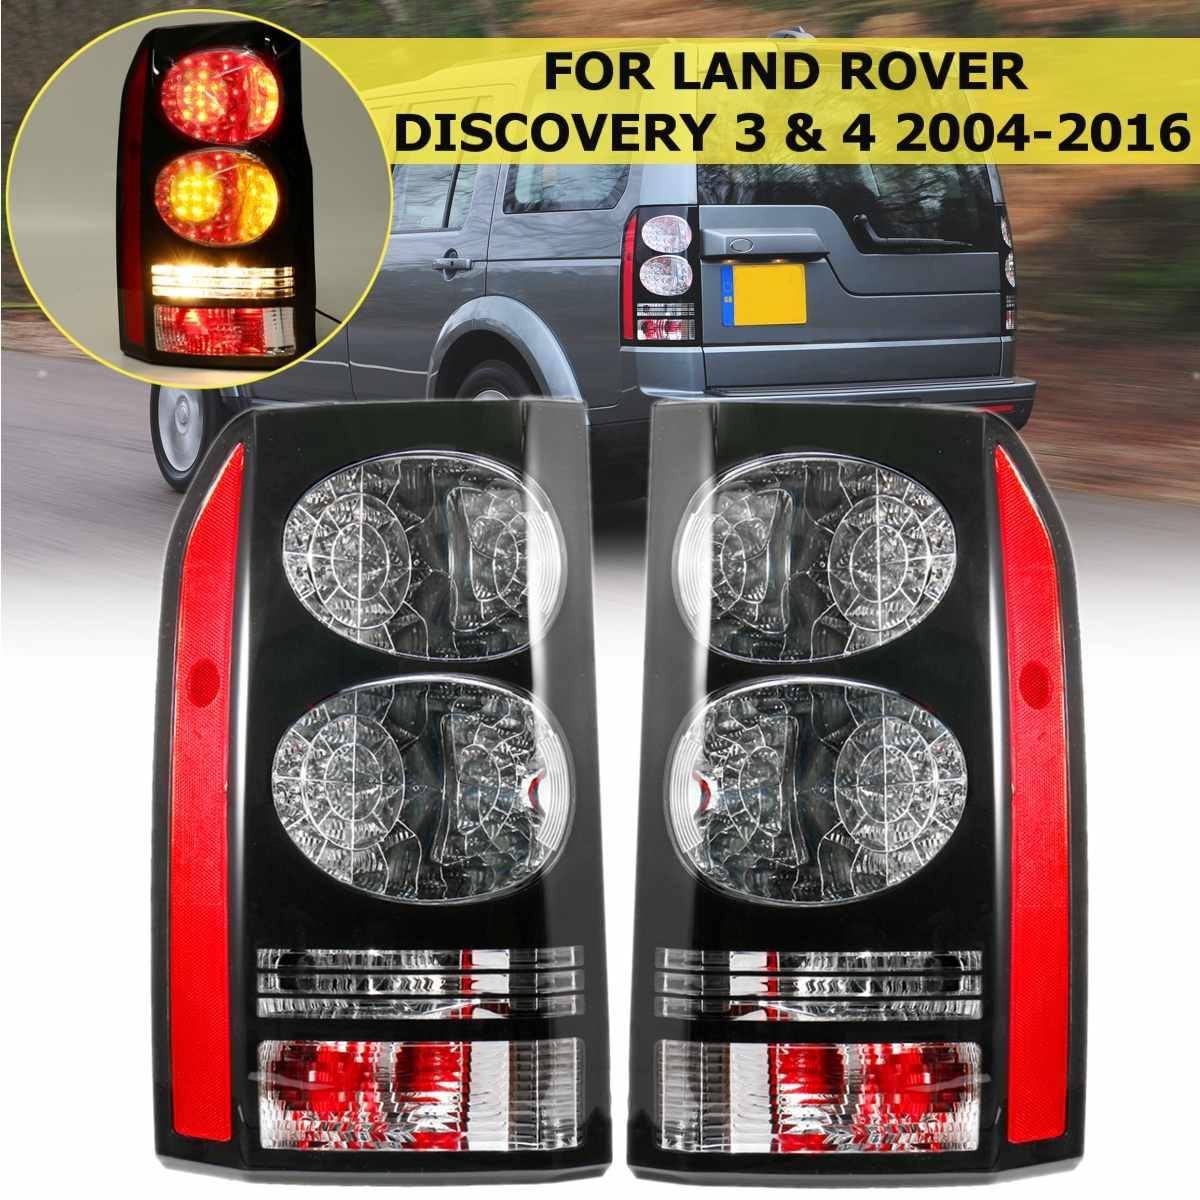 12V Car Led Tail Light FOR LAND ROVER DISCOVERY 3 4 2004 - 2016 Rear Brake Reverse Lamp Drl Fog Light Styling Light Accessories12V Car Led Tail Light FOR LAND ROVER DISCOVERY 3 4 2004 - 2016 Rear Brake Reverse Lamp Drl Fog Light Styling Light Accessories